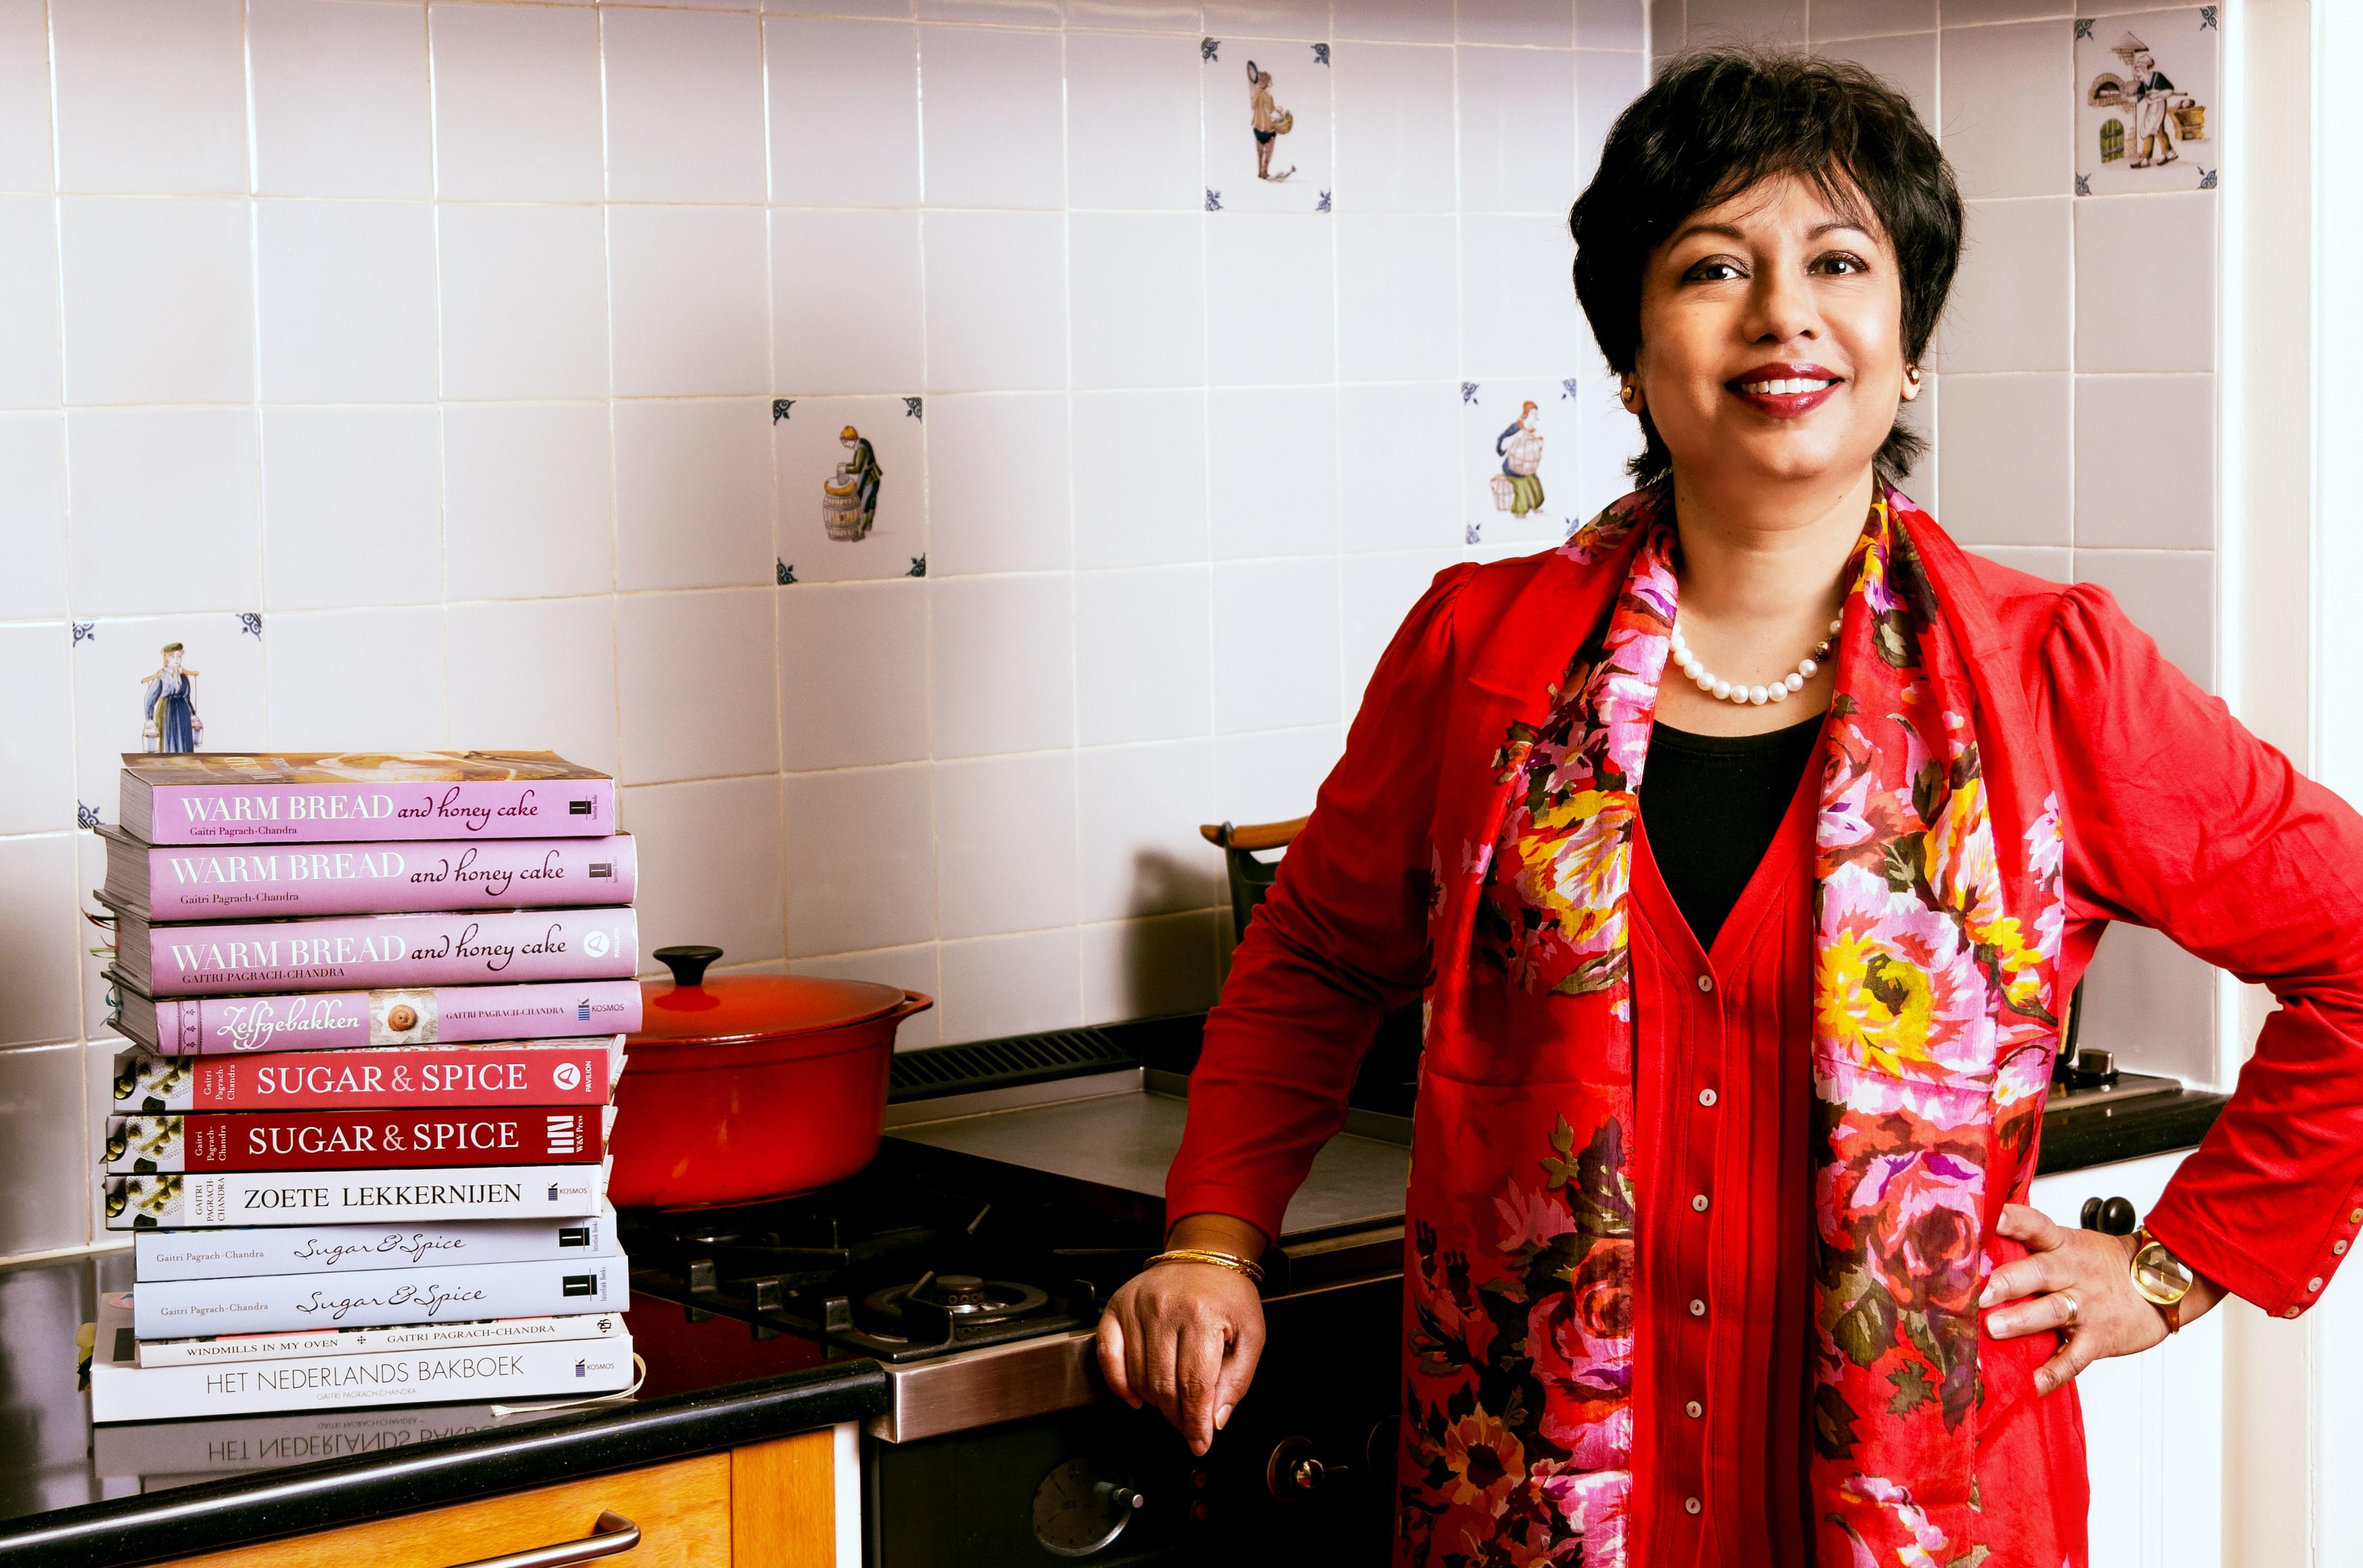 GP keuken met boeken